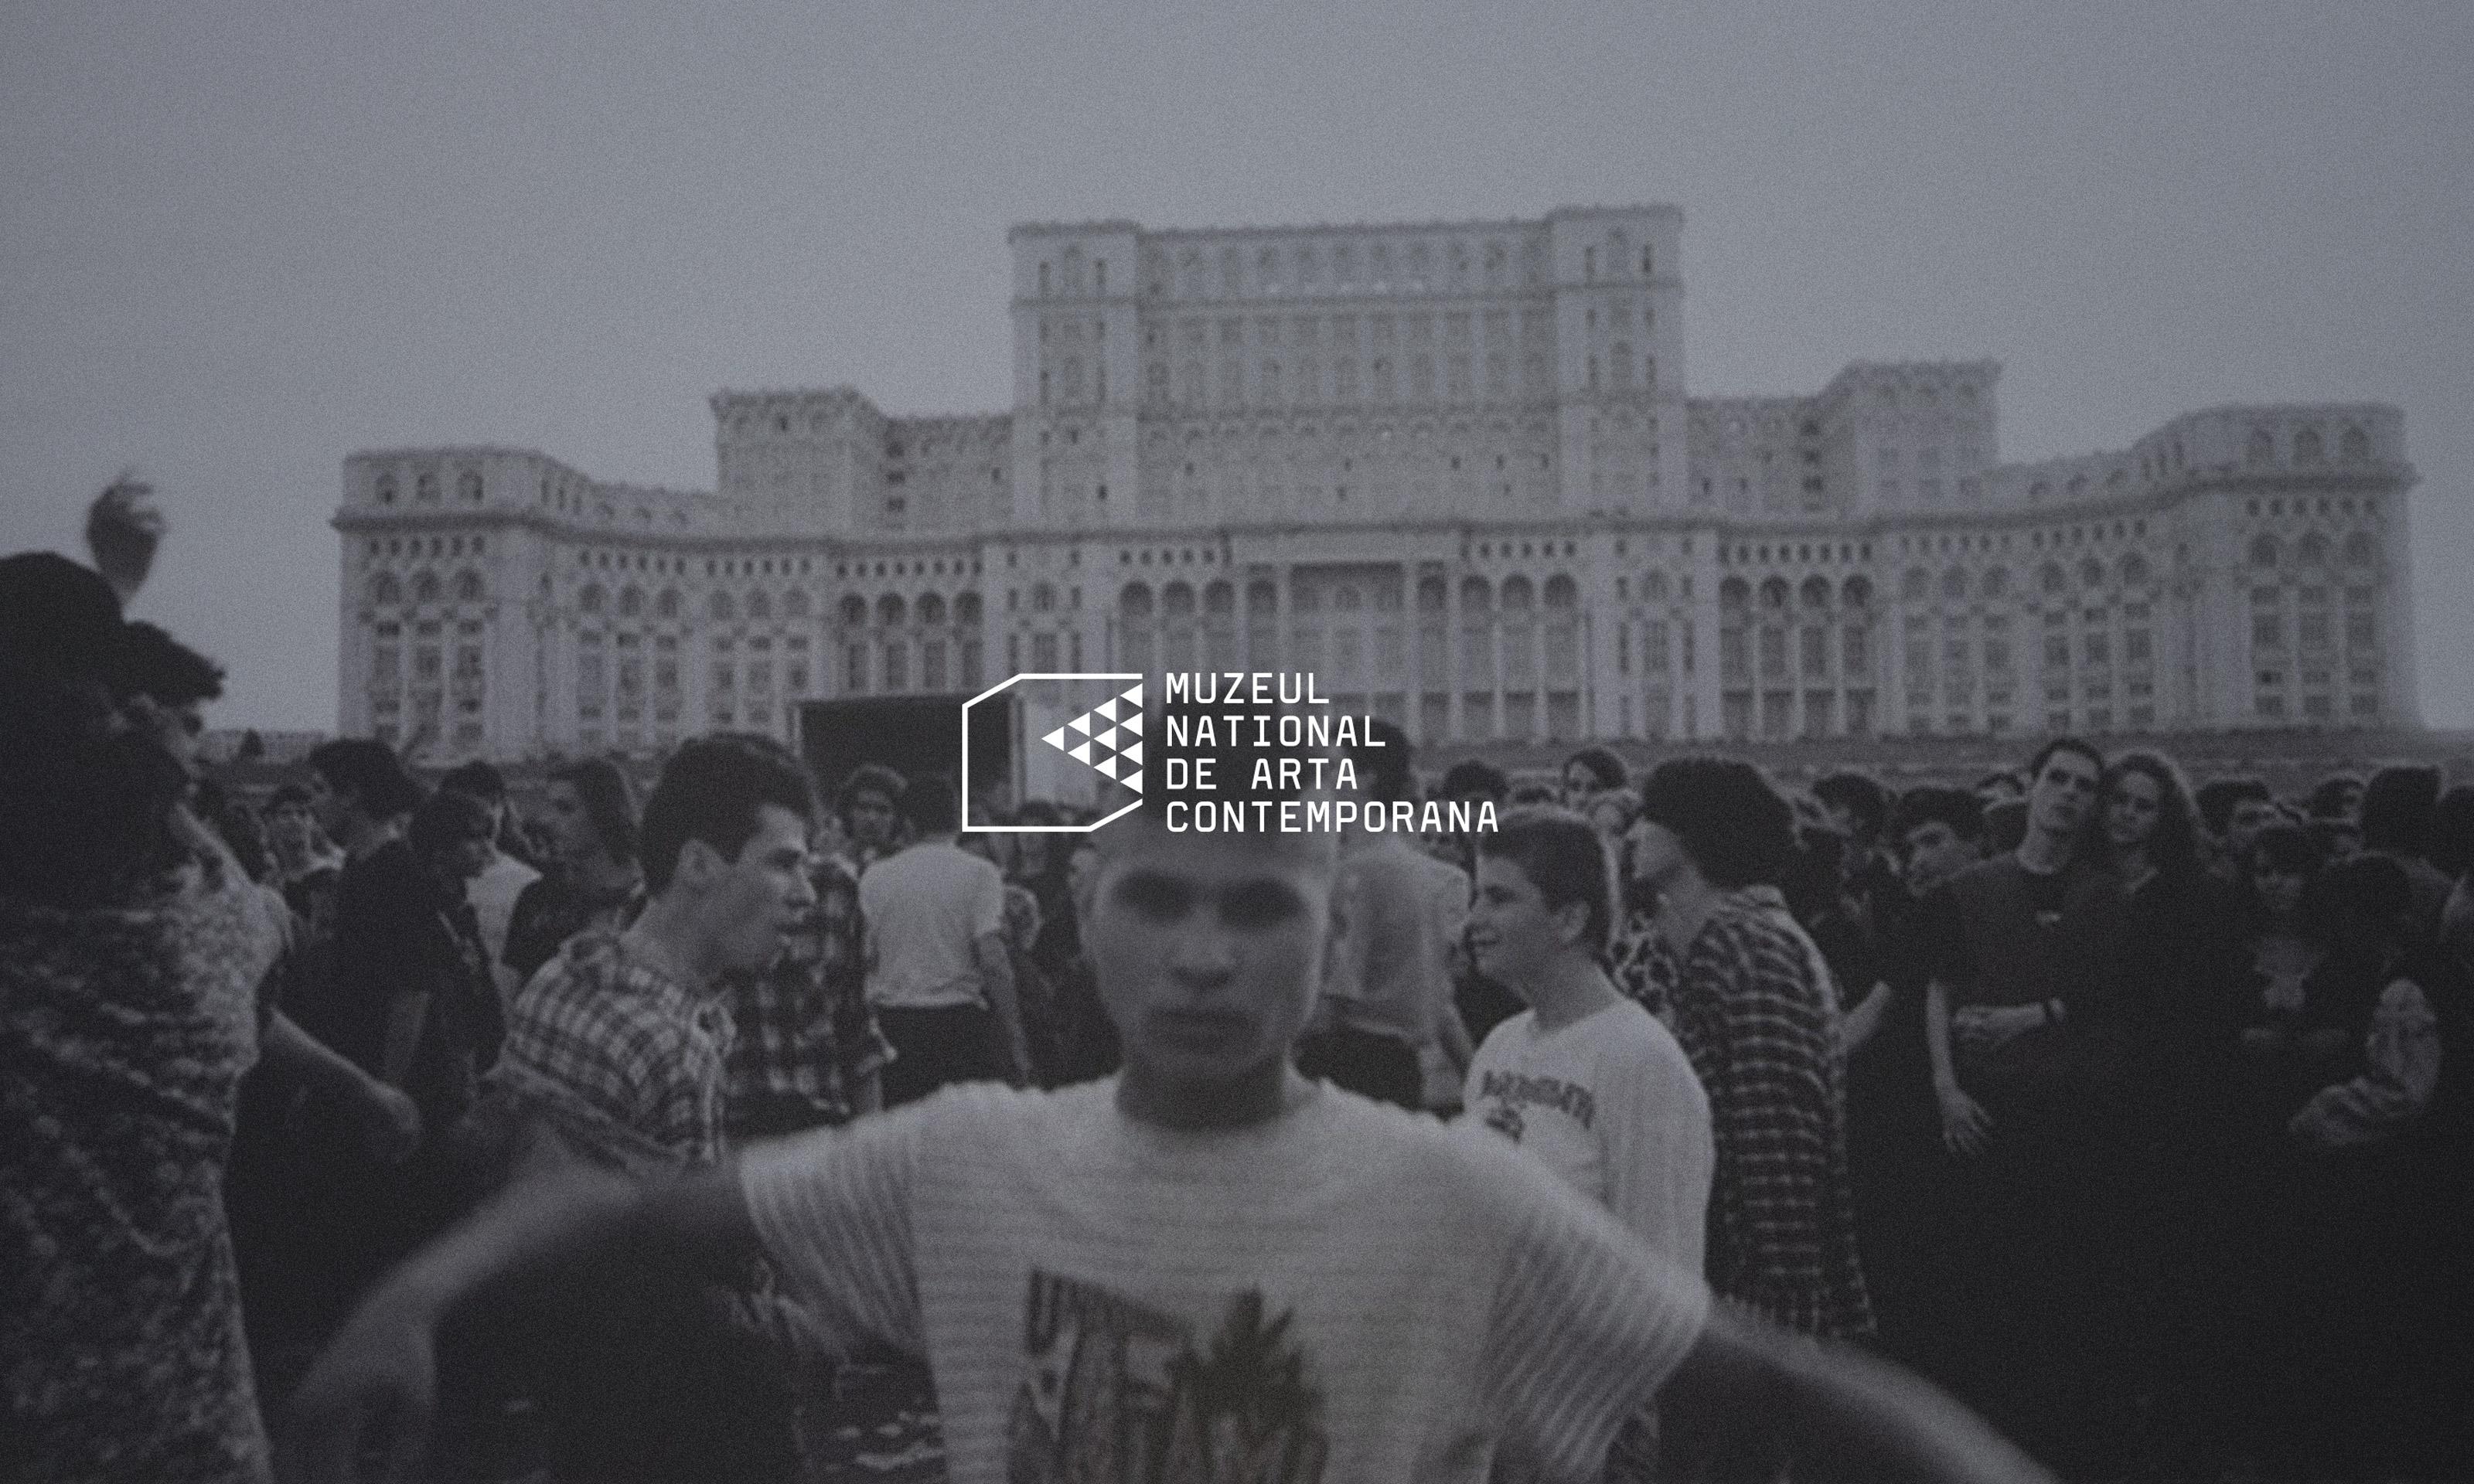 abgedunkeltes schwarz-weiss-Bild mit demonstrierende Menschenmenge vor rumänischen Regierungspalast, davor das Logo vom MNAC